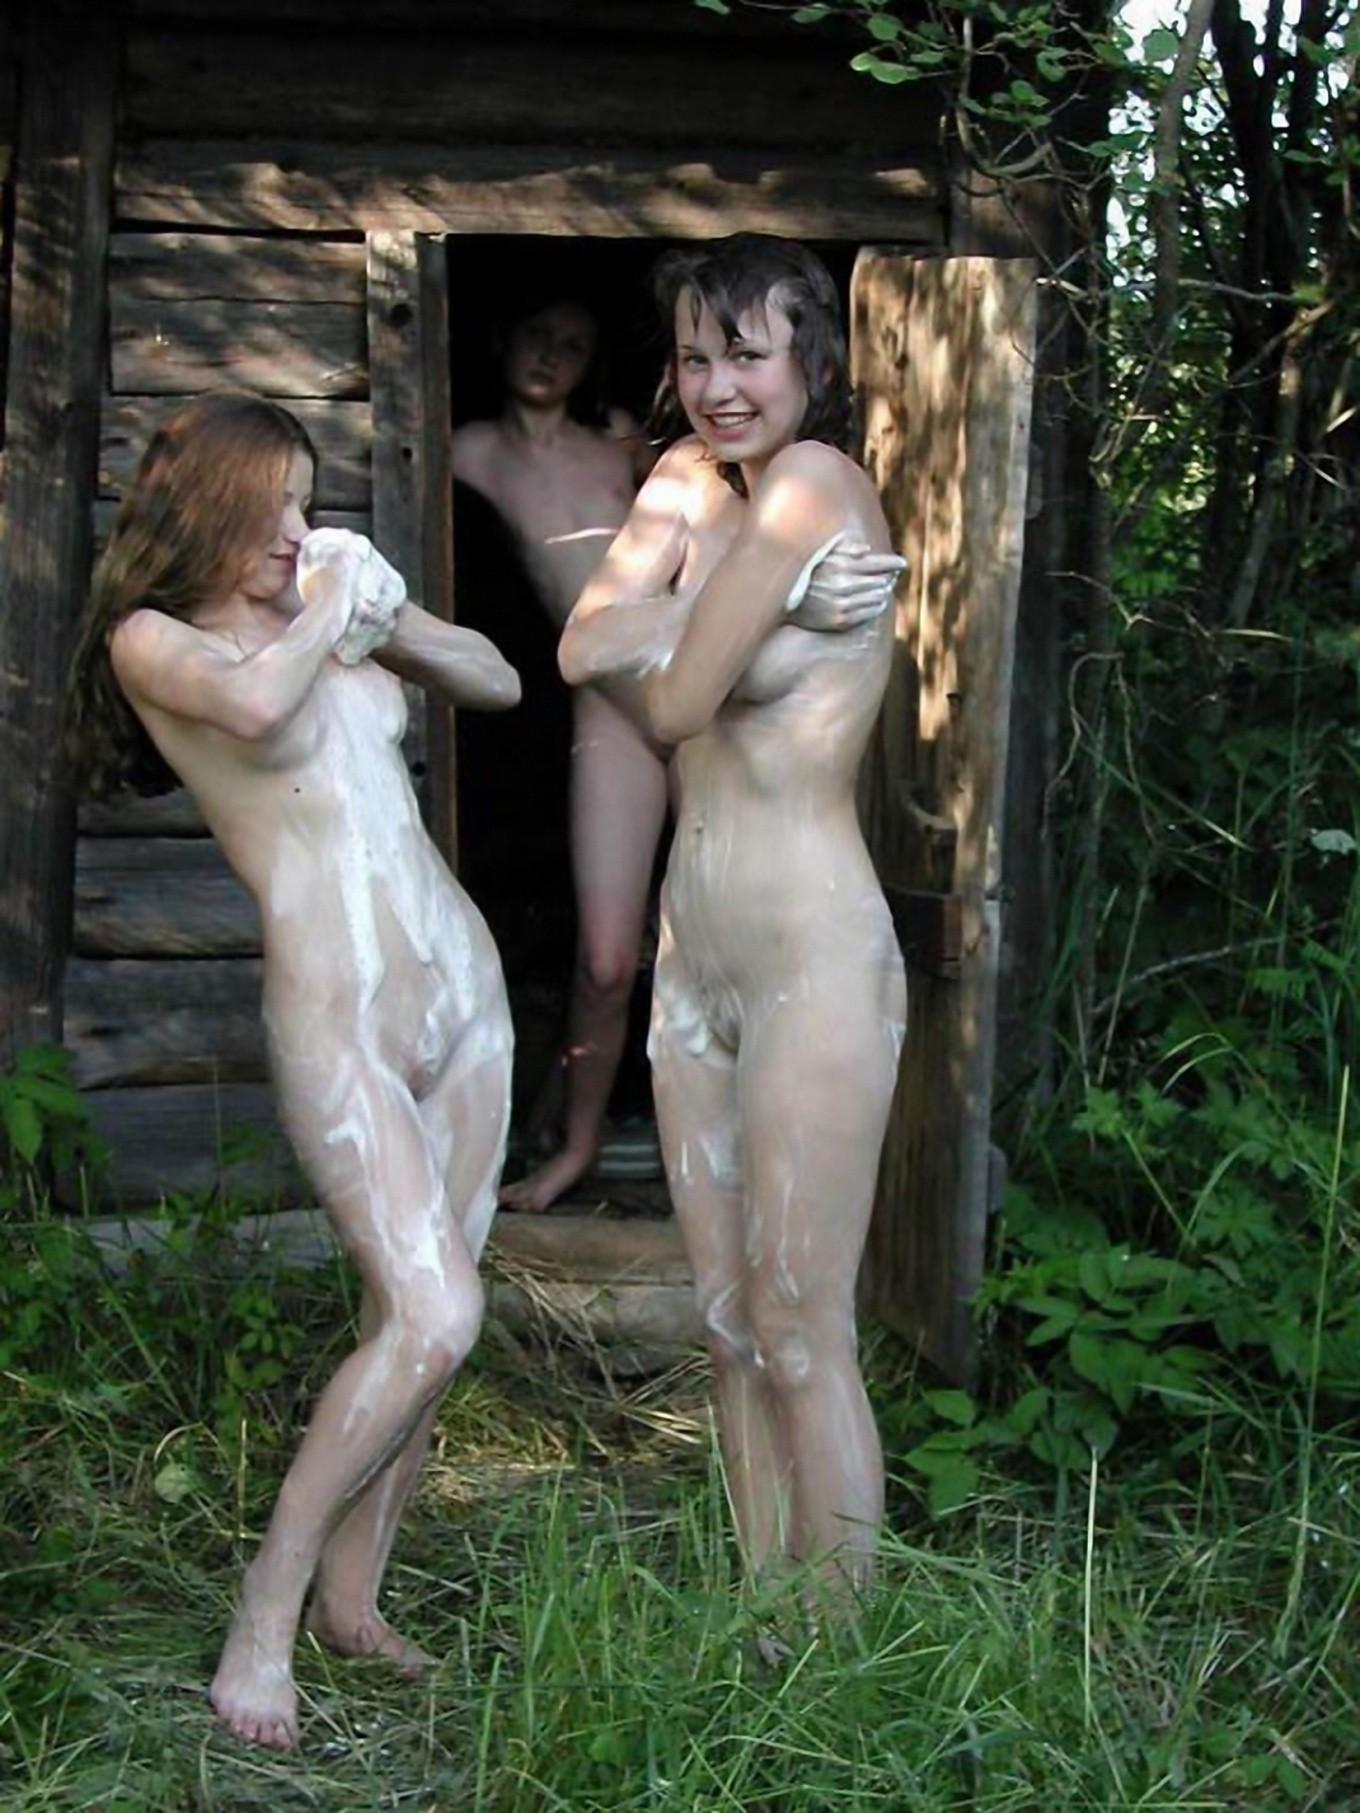 Смотреть онлайн как девушки моются в бане 14 фотография